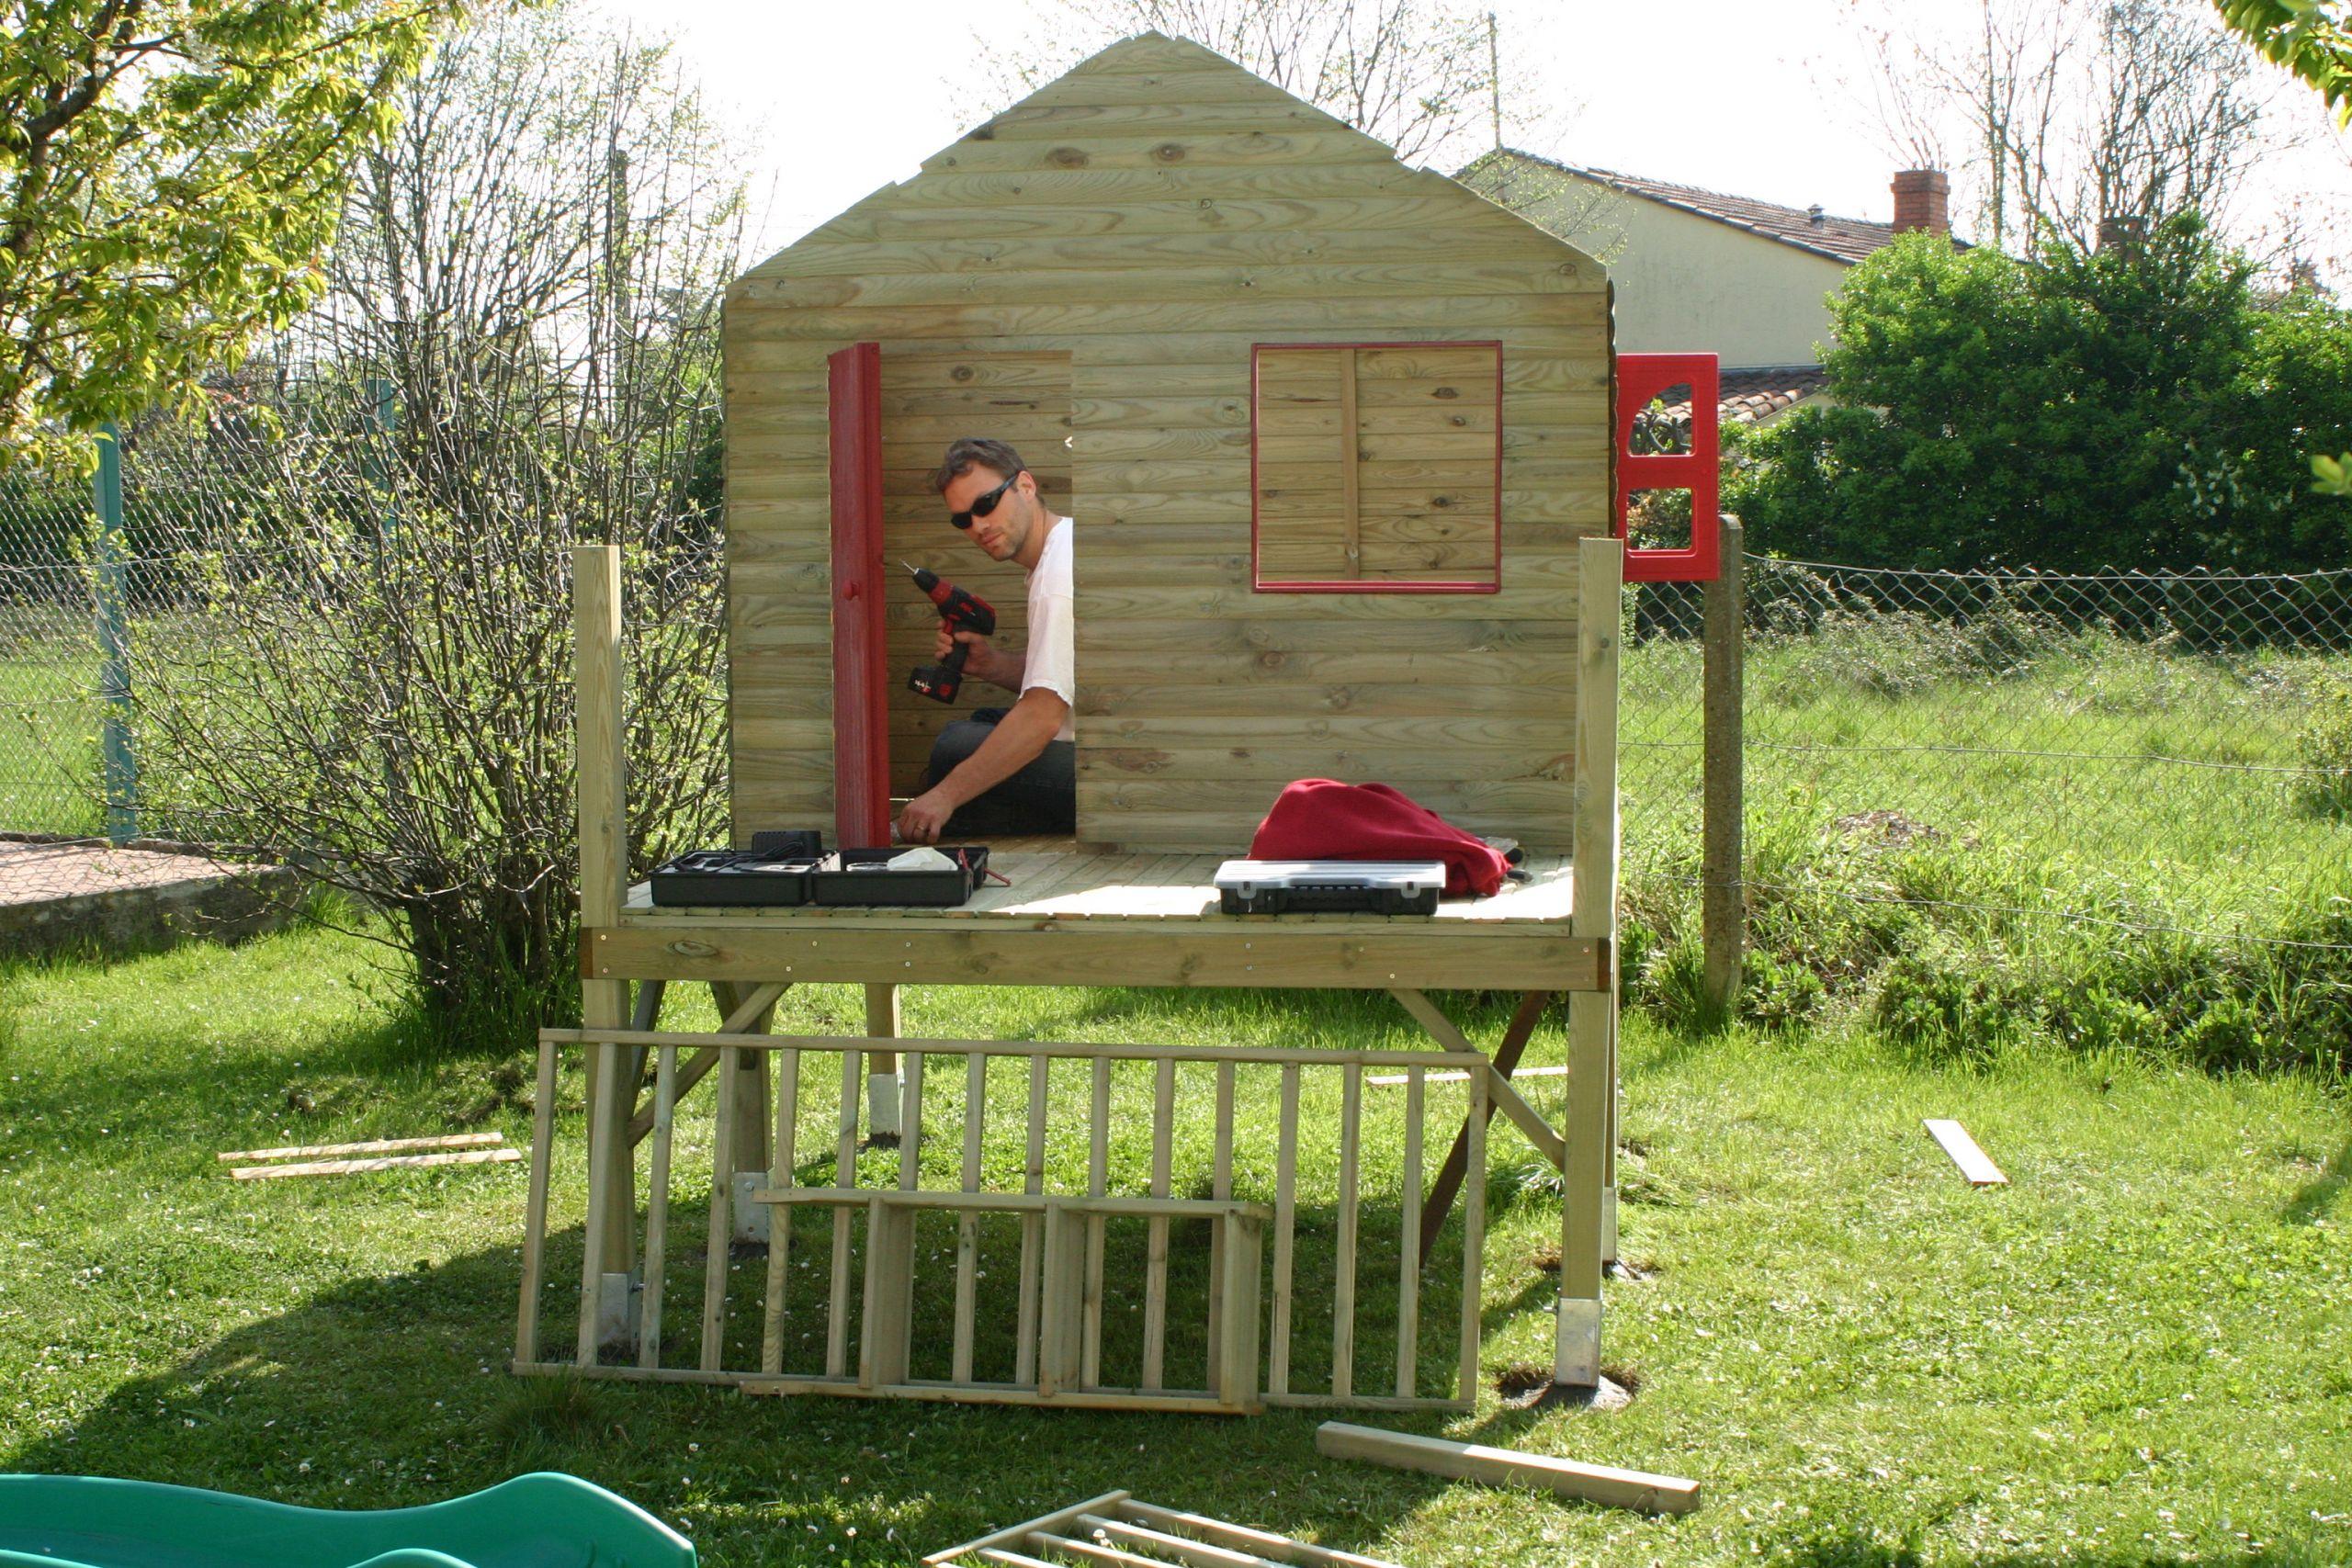 Bois Pour Cabane De Jardin Des Idées - Idees Conception Jardin concernant Maison De Jardin Pour Enfants